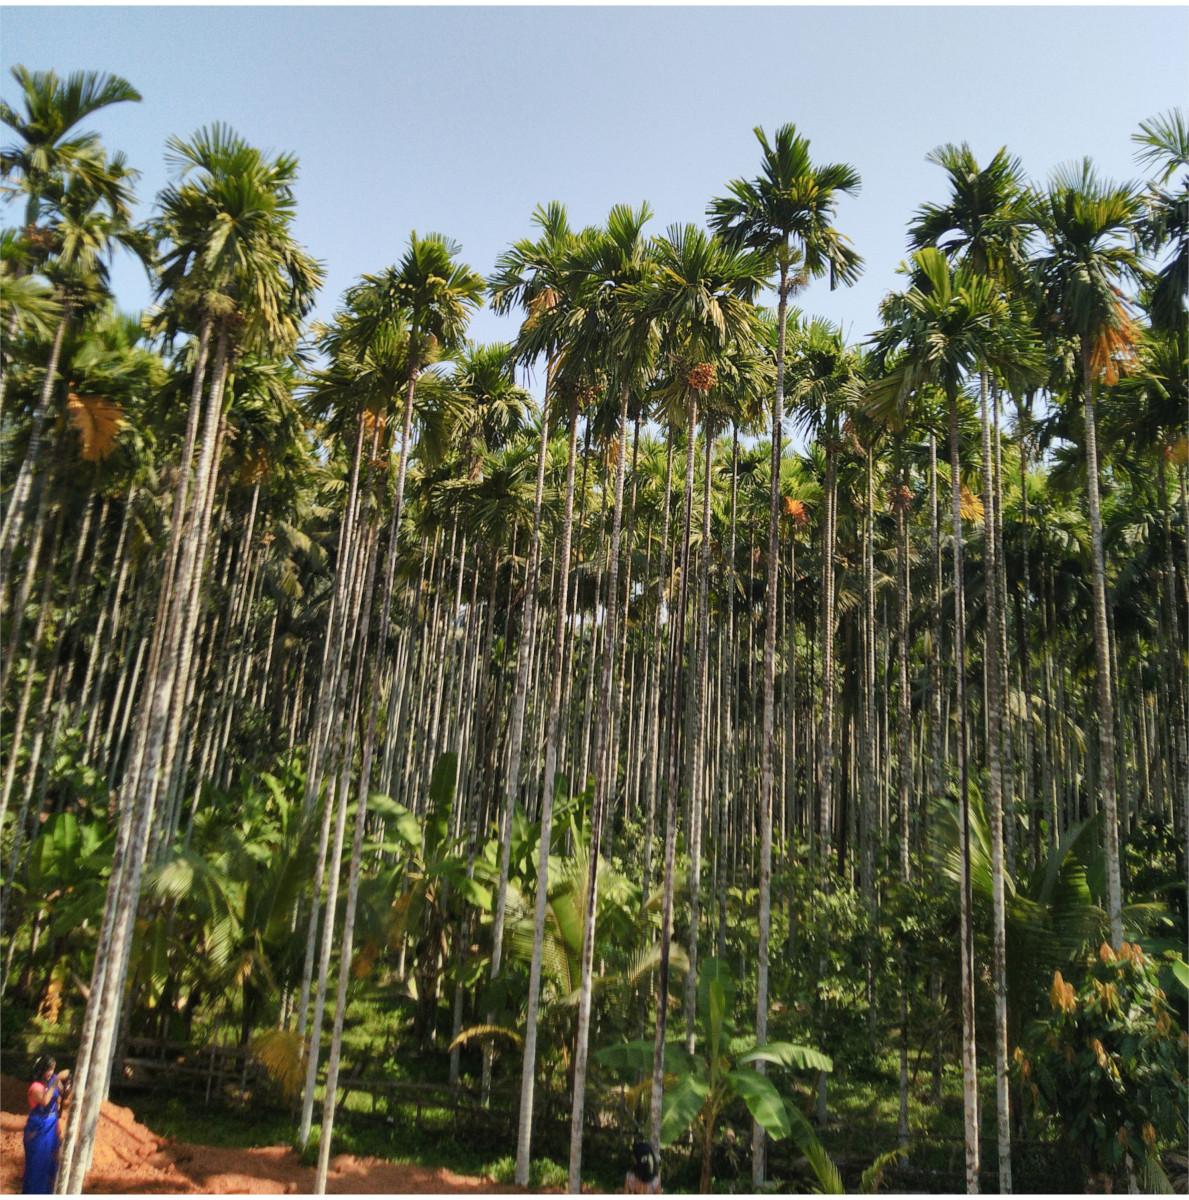 An arecanut plantation of South India